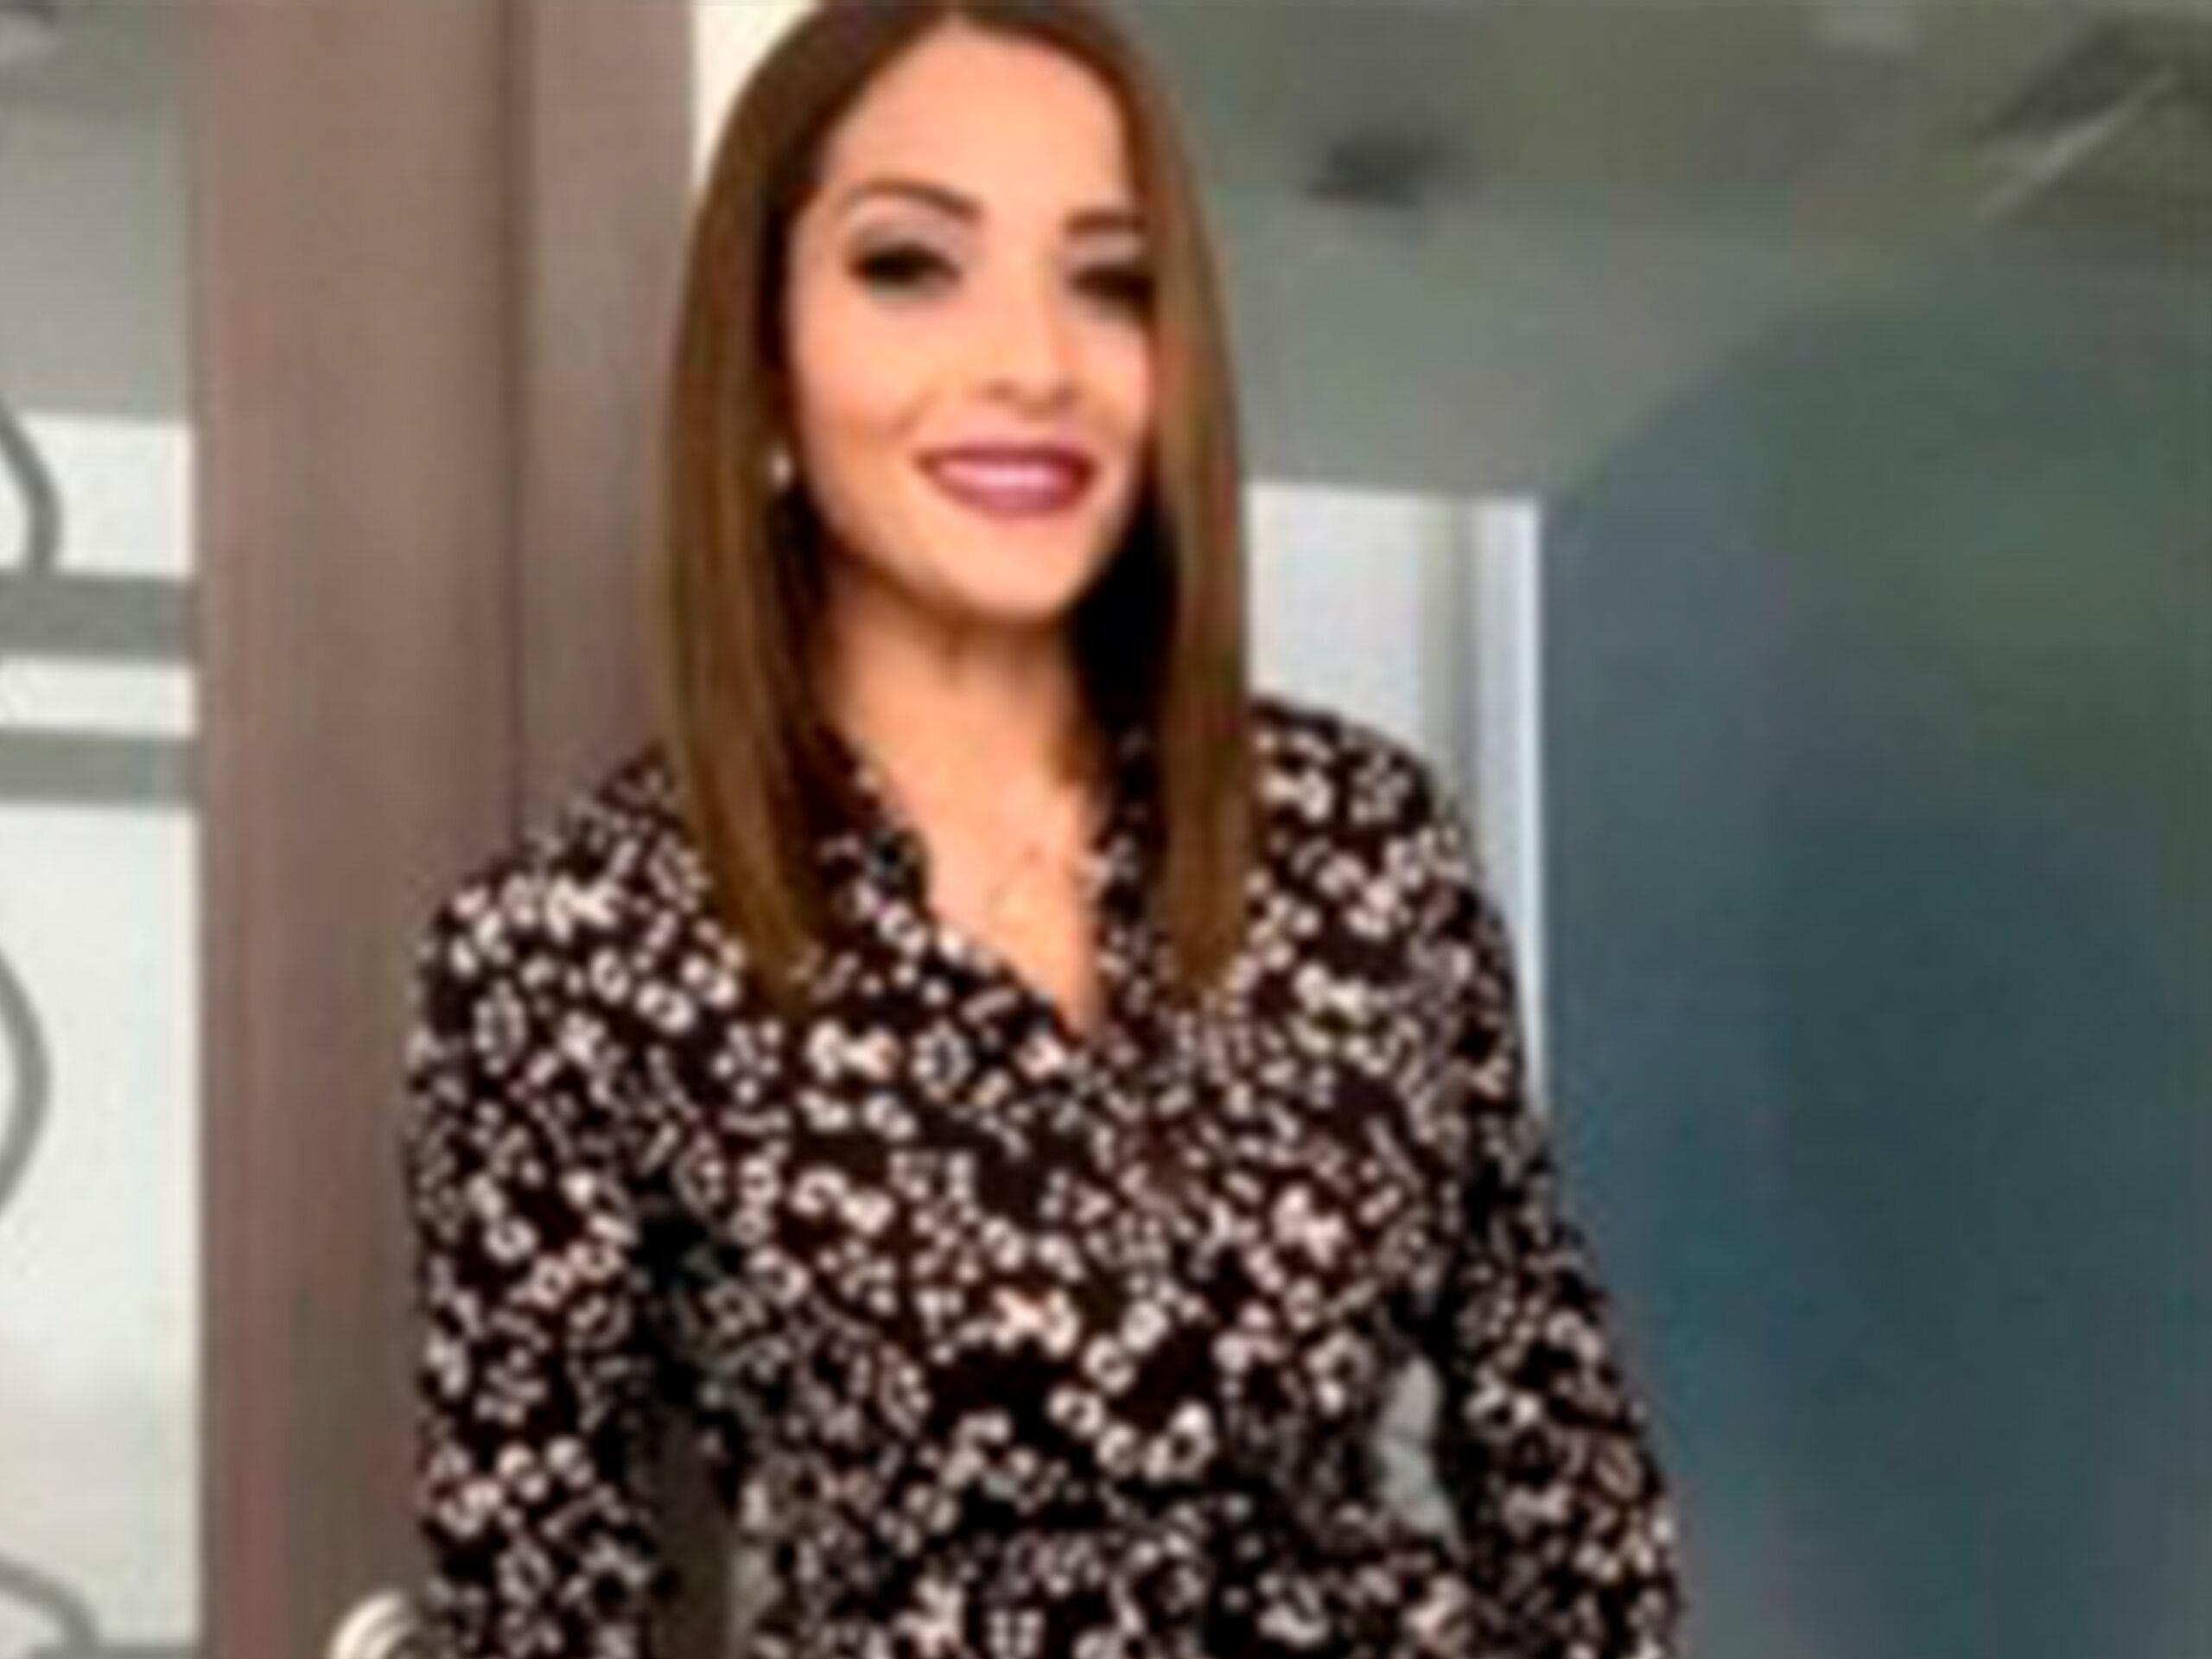 Nadia Sofia Aguilar